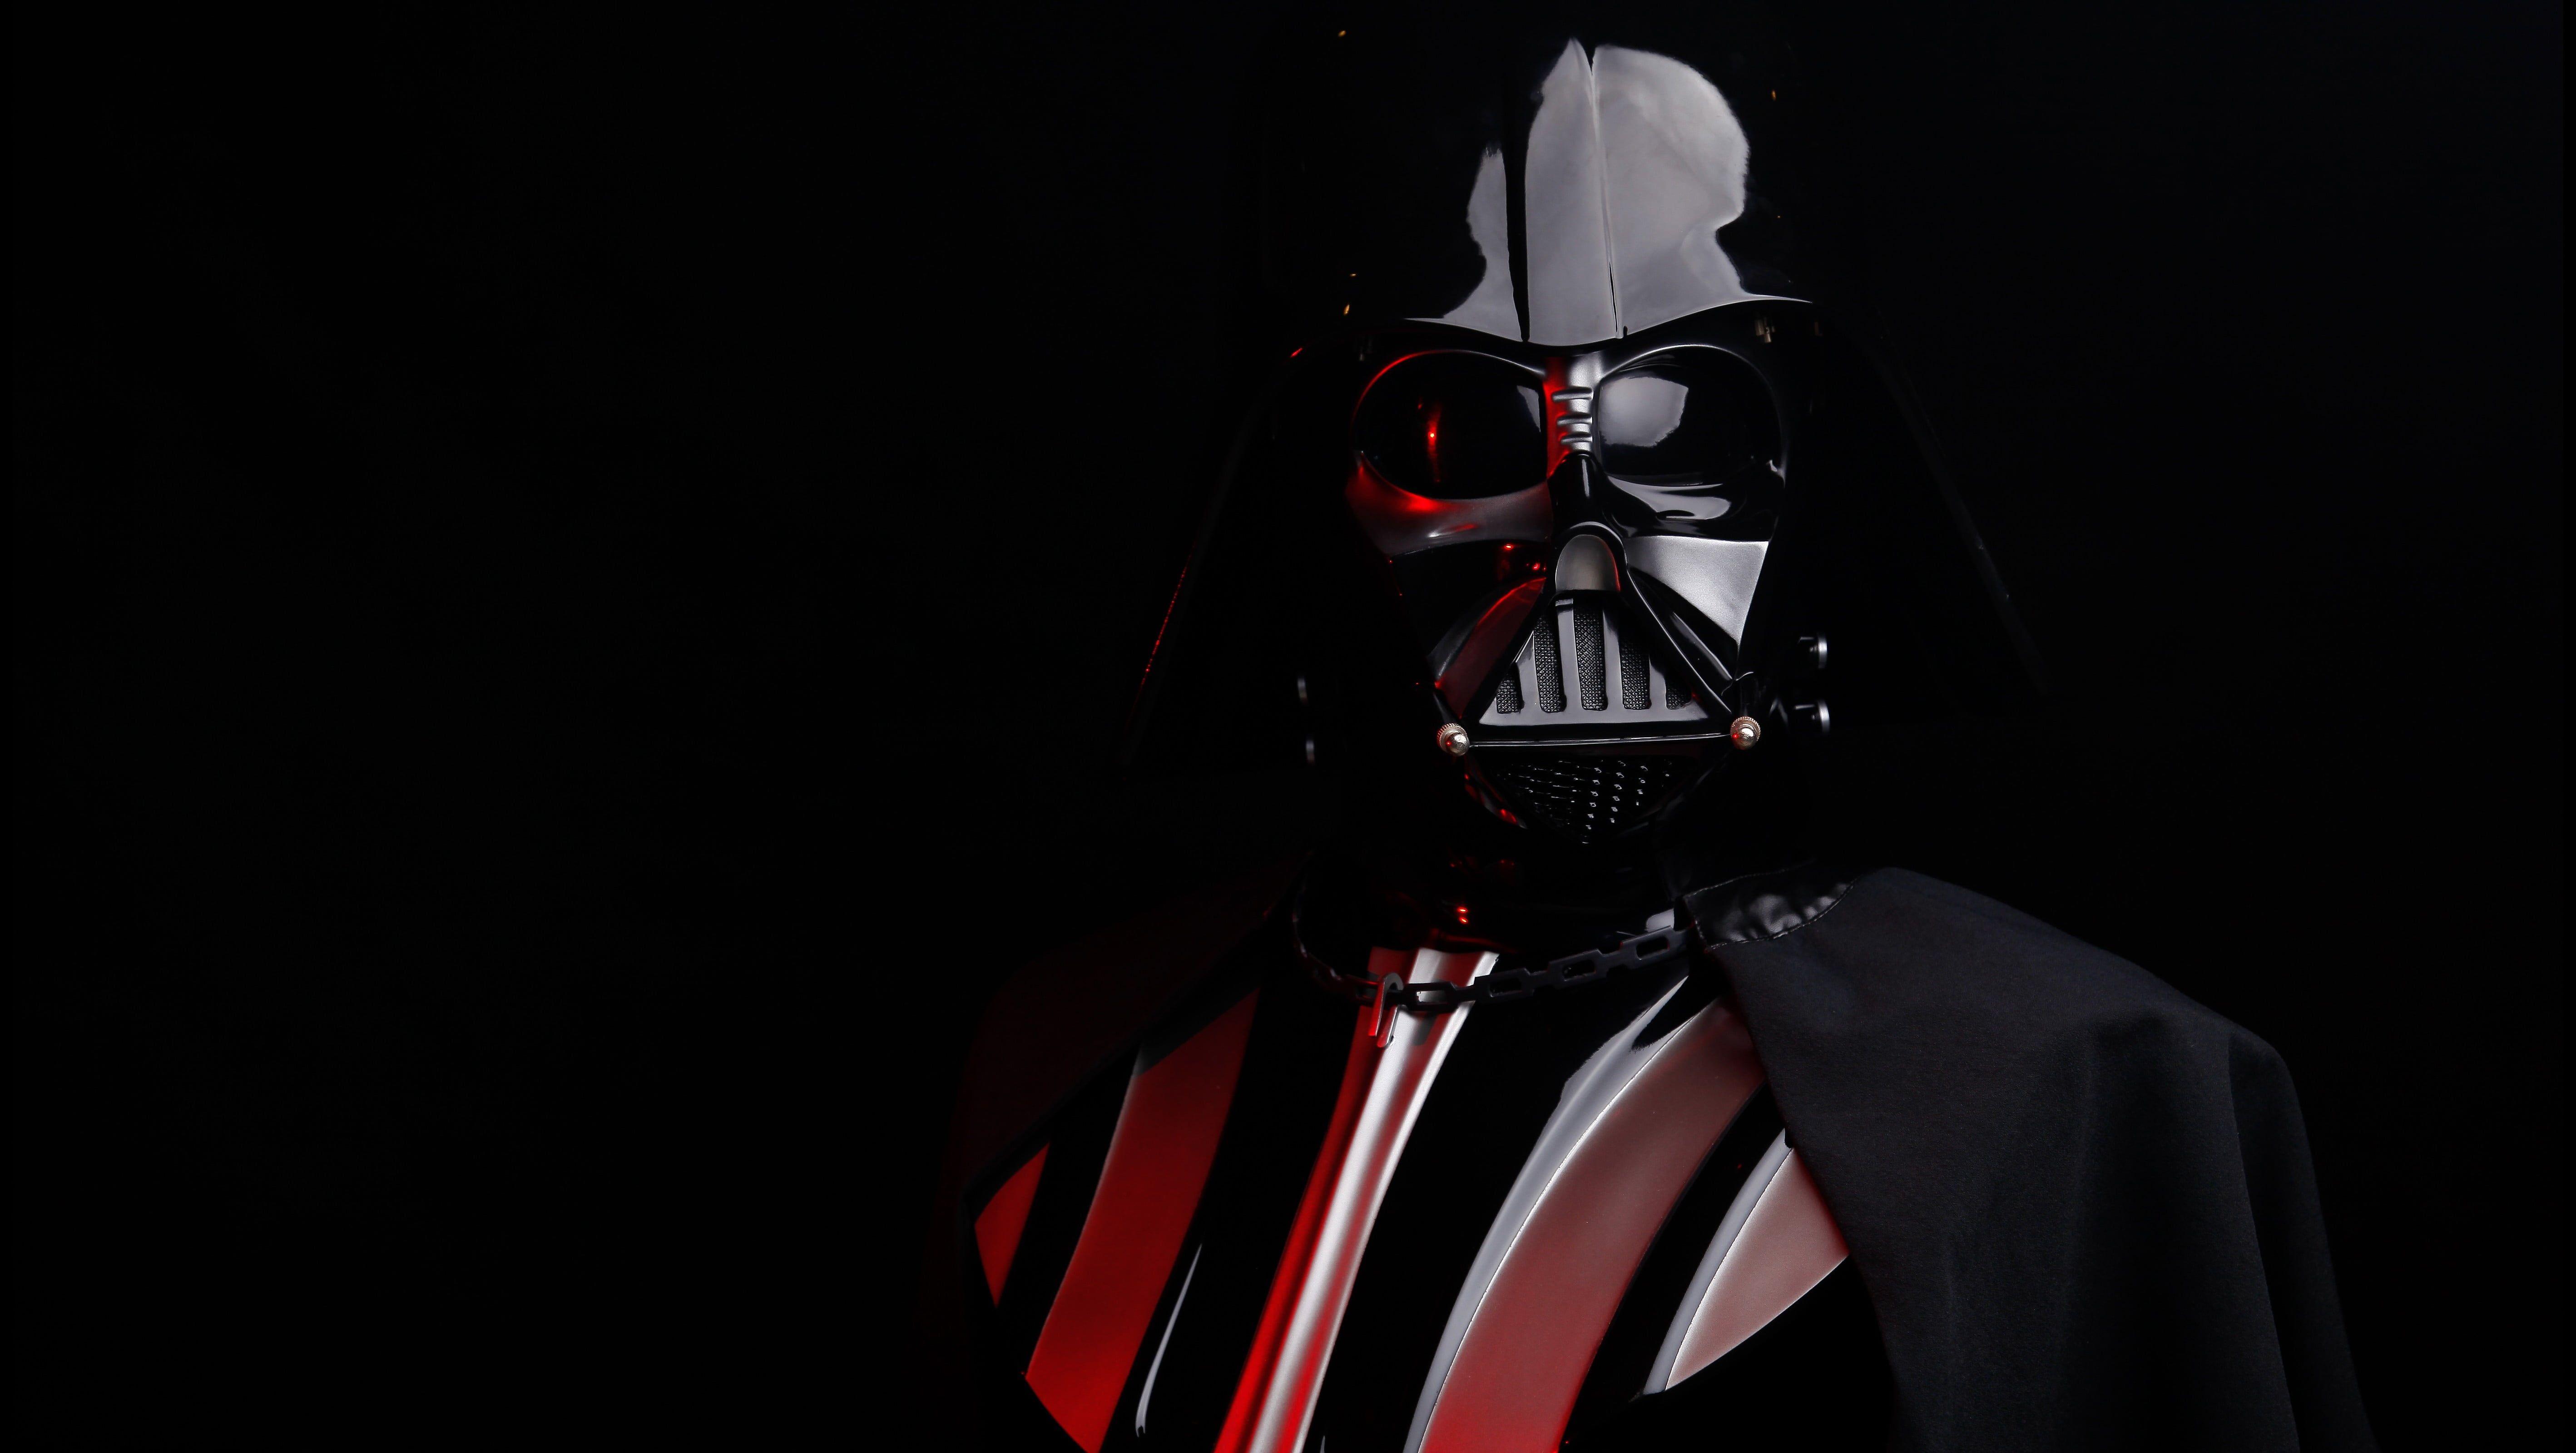 Darth Vader Star Wars Darth Vader Sith 5k Wallpaper Hdwallpaper Desktop Darth Vader Wallpaper Star Wars Wallpaper Darth Vader